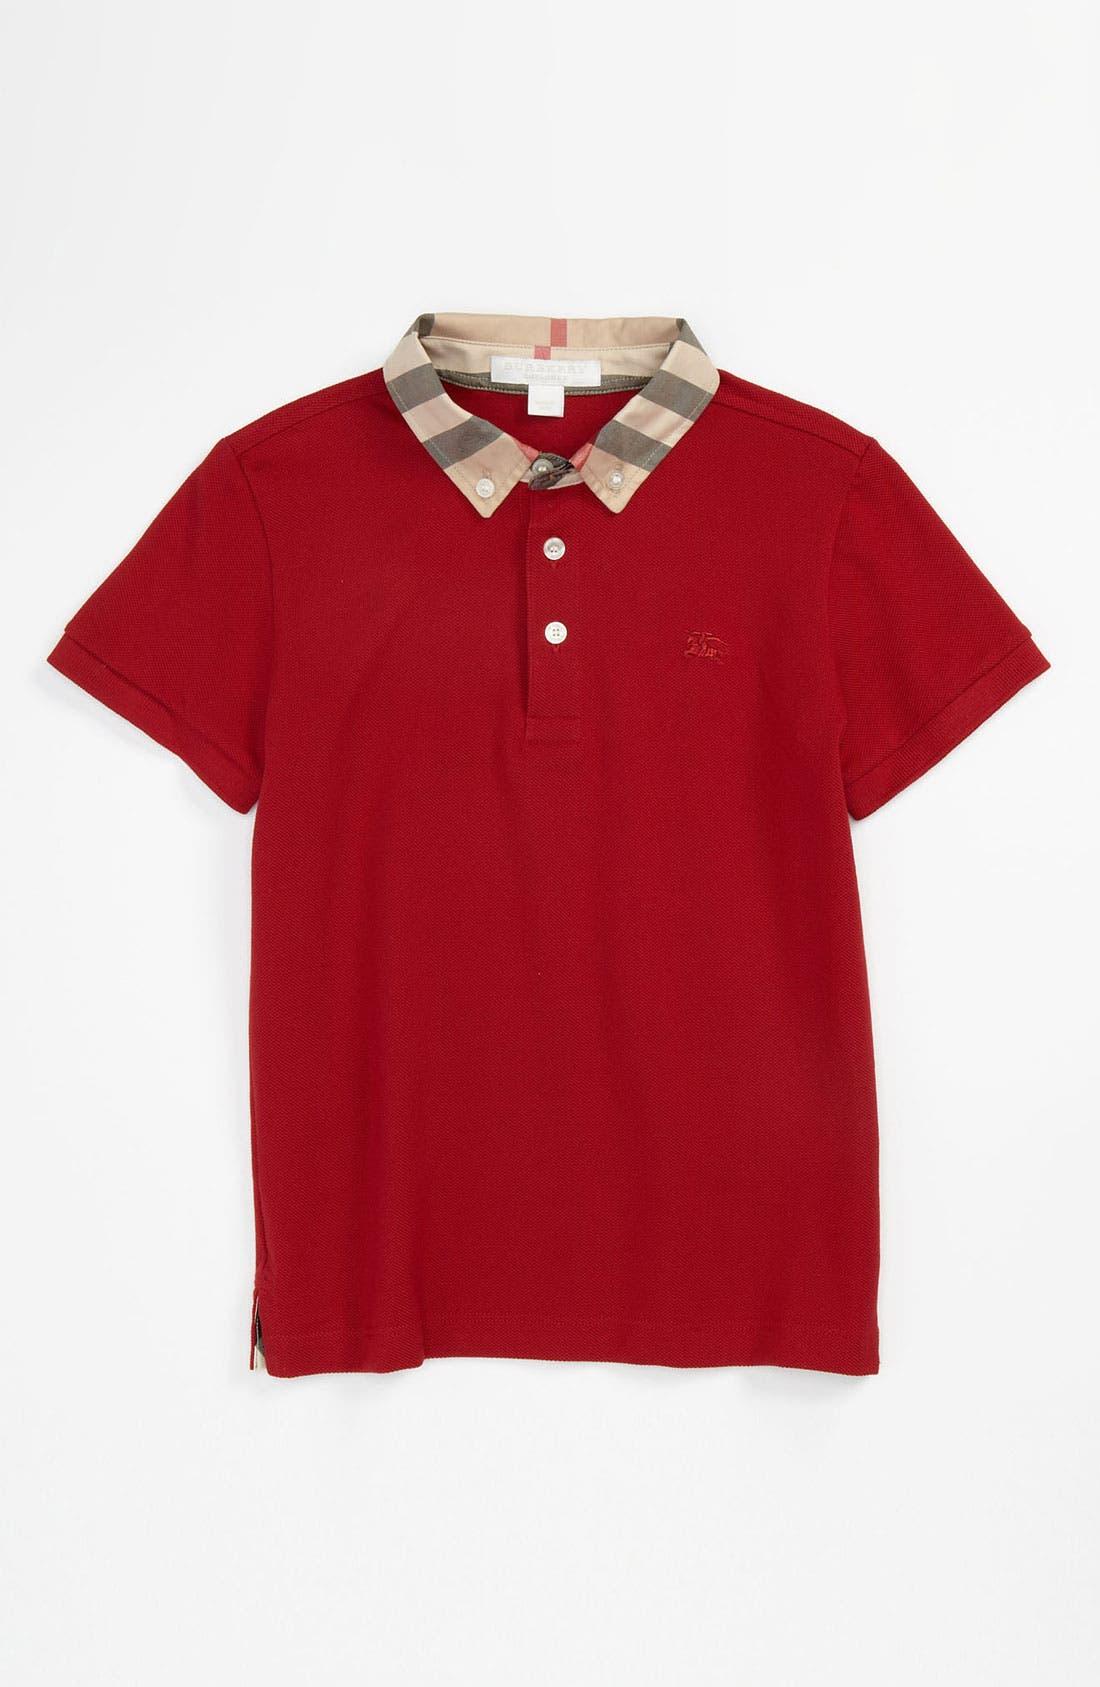 Main Image - Burberry Check Collar Polo (Toddler, Little Boys & Big Boys)